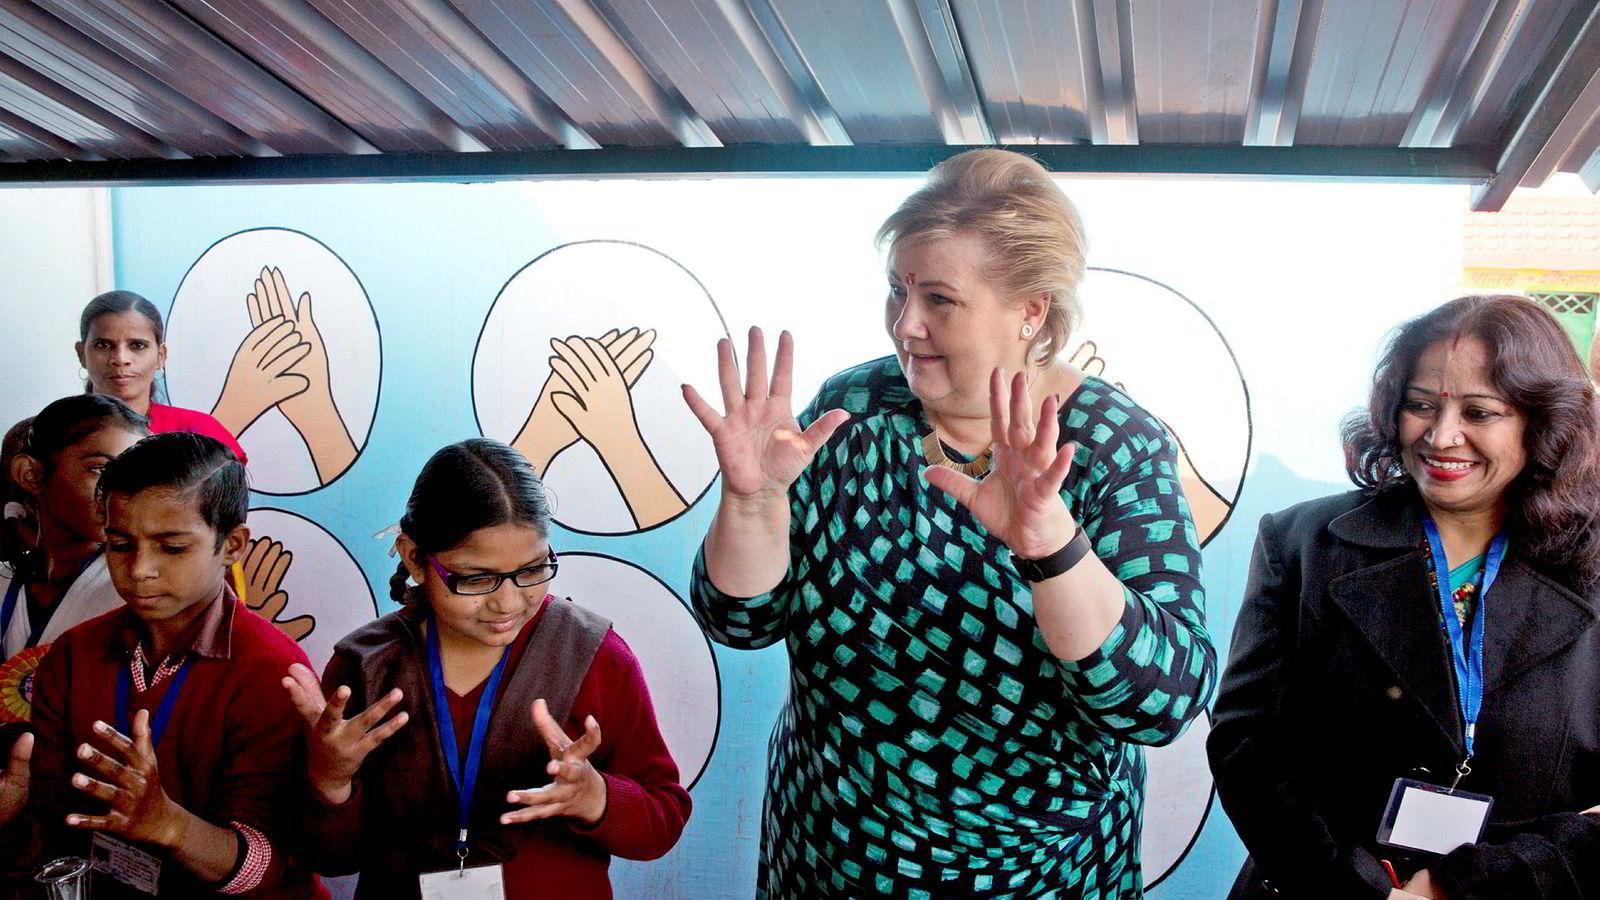 Nær 140 norske næringslivsrepresentanter er på tur med Erna Solberg til India, med ambisjoner om å knytte tettere bånd til den hurtigst voksende økonomien i G20-gruppen. Her besøker Solberg en barneskole i utkanten av New Delhi 7. januar.